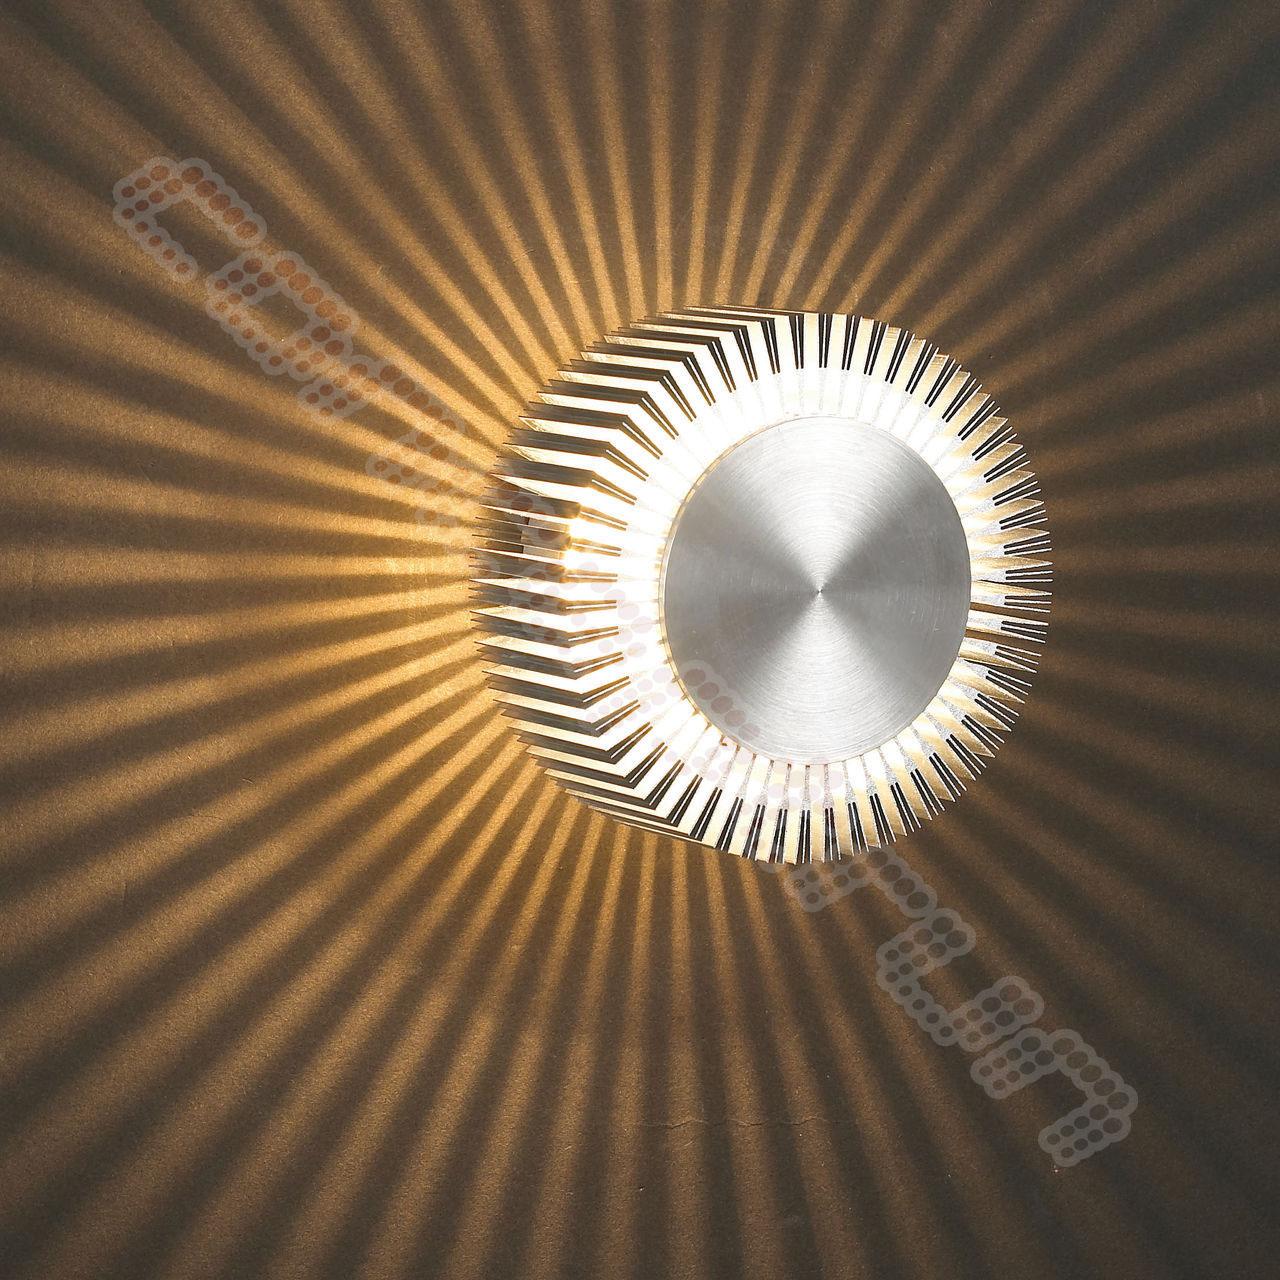 dekoleuchte effektleuchte wandlampe deckenleuchte design au enlampe ip54 230v ebay. Black Bedroom Furniture Sets. Home Design Ideas